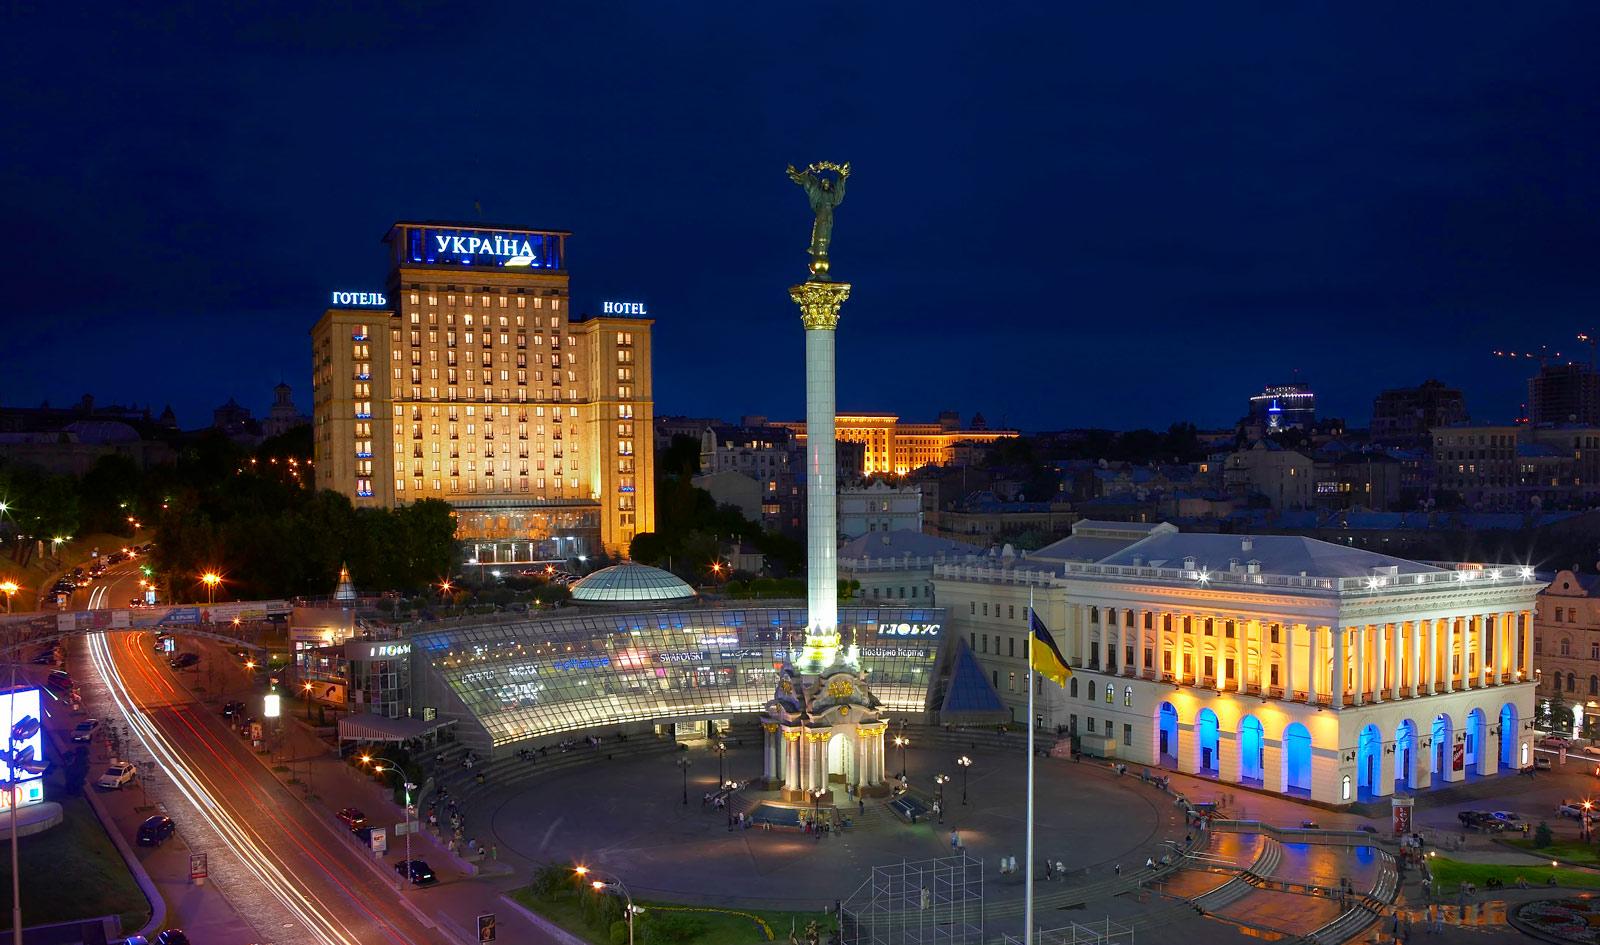 صور معلومات عن اوكرانيا , اوكرانيا بلد السياحة و الطبيعة الخلابه